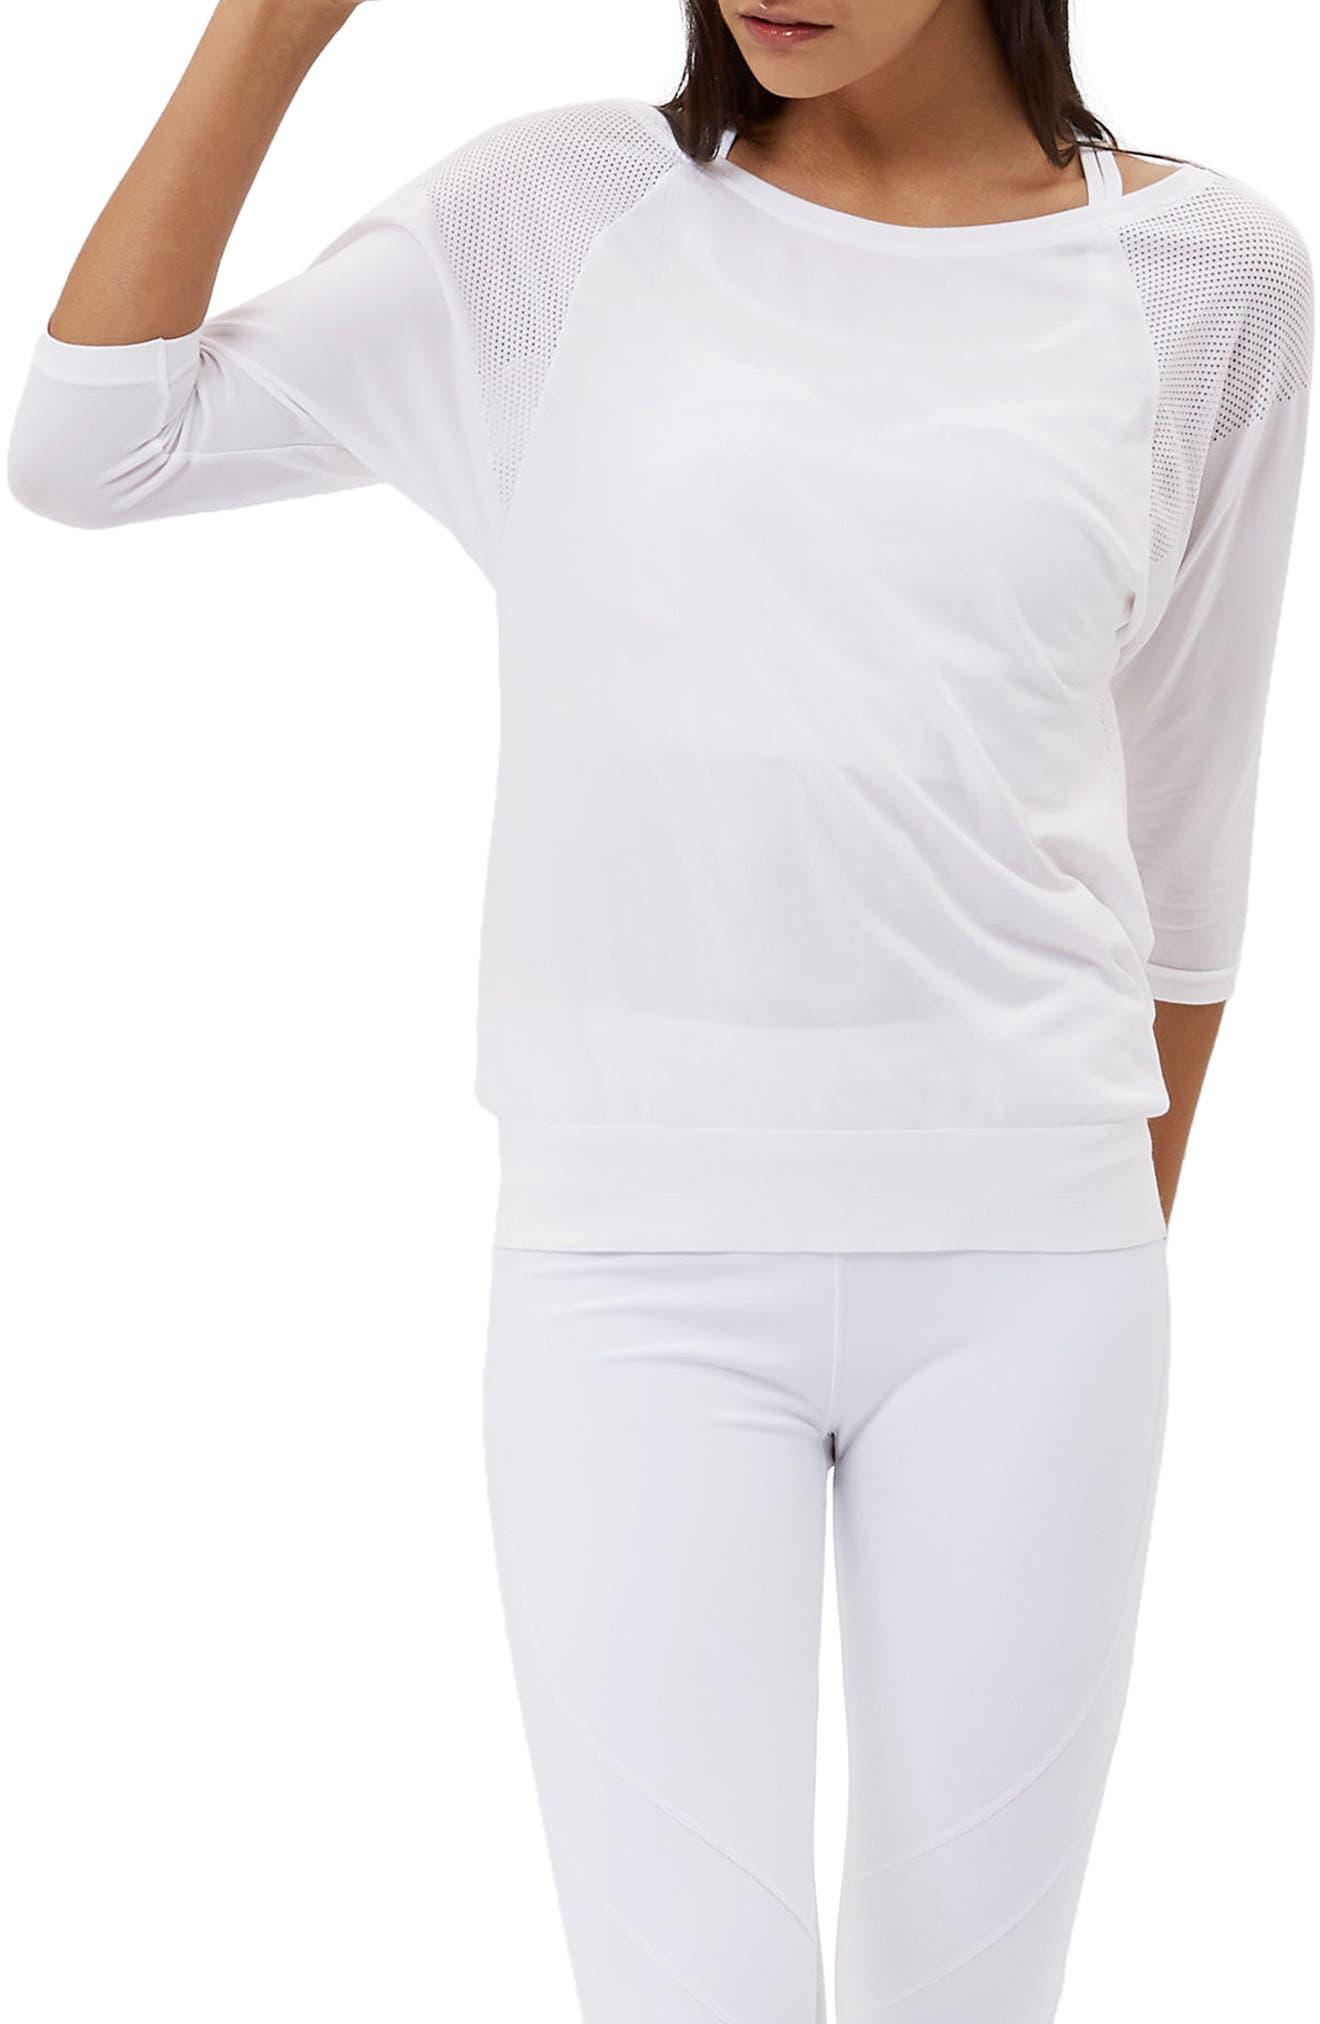 Dharana Yoga Tee,                         Main,                         color, White